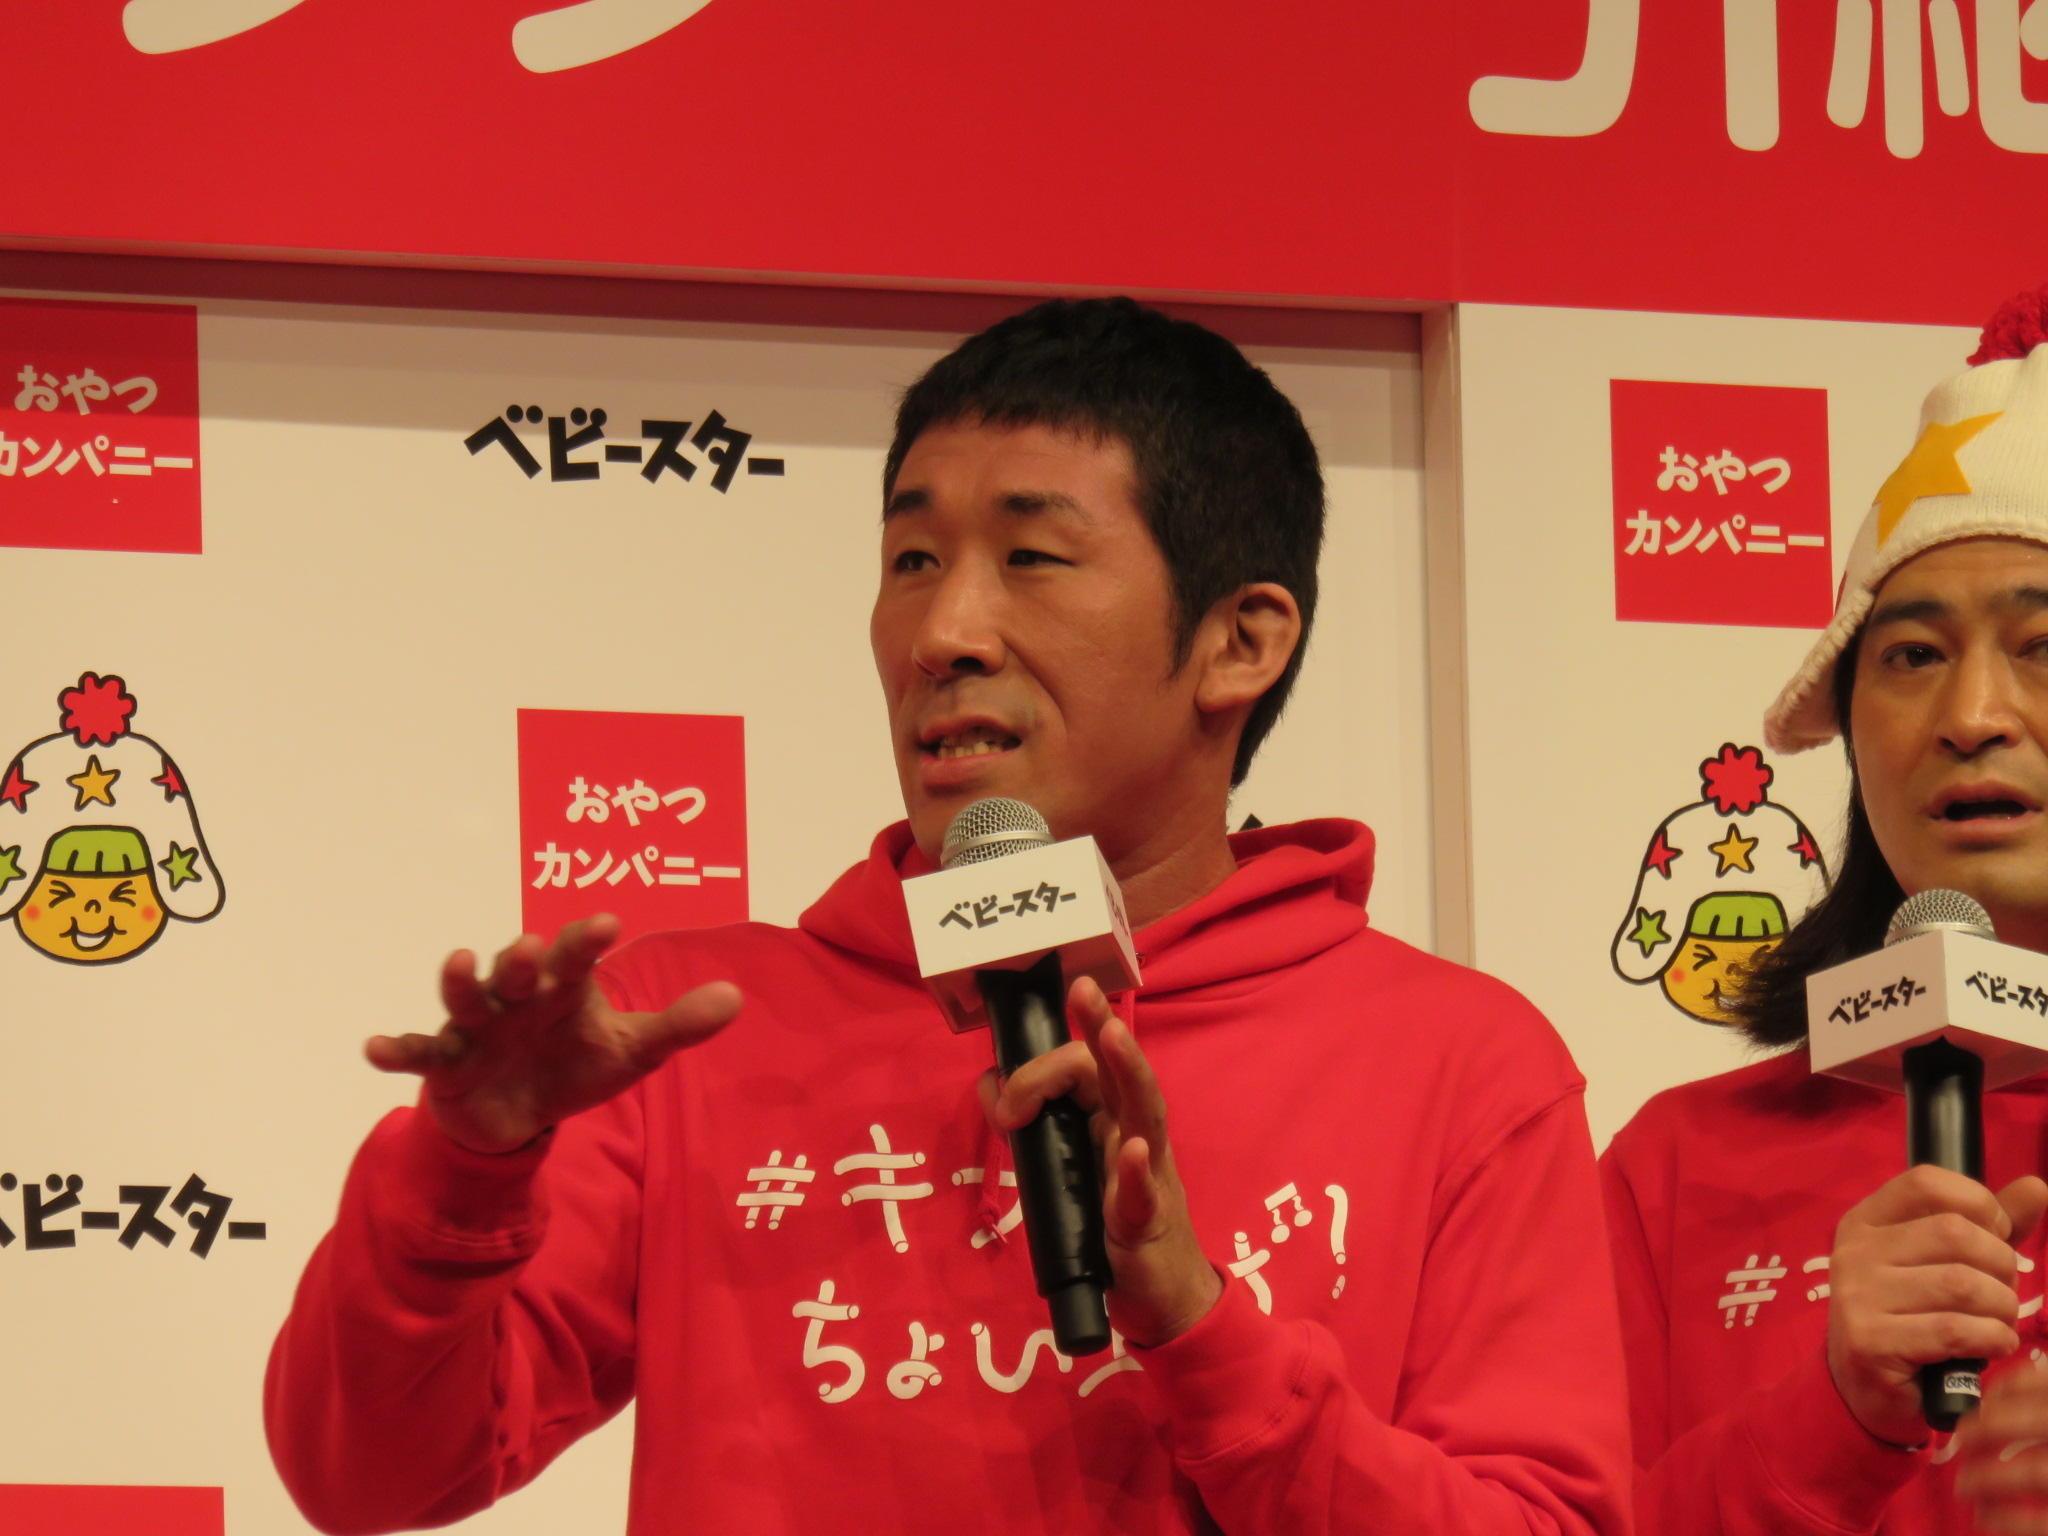 http://news.yoshimoto.co.jp/20170131190347-2a0374fb1c7769680fda28eb34d9ea673b7a108b.jpg